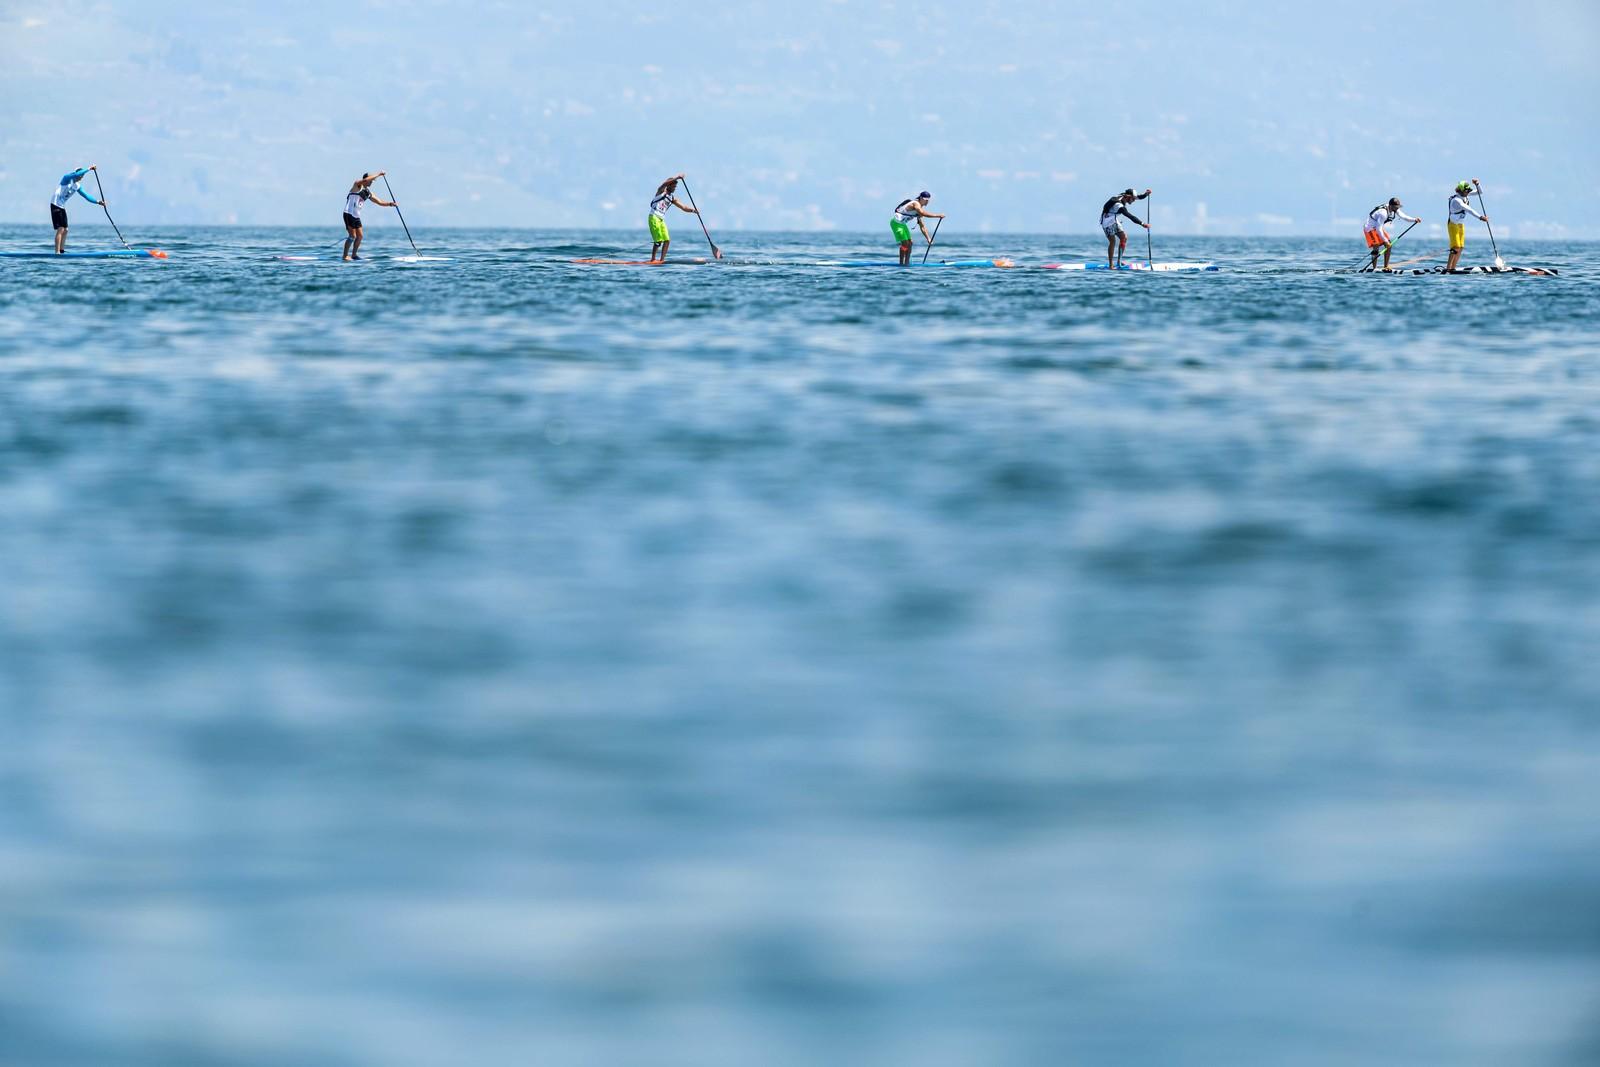 Sup (stand up paddle) kalles det, og denne uka ble det arrangert et 19 kilometer langt kappløp i Lausanne, Sveits.